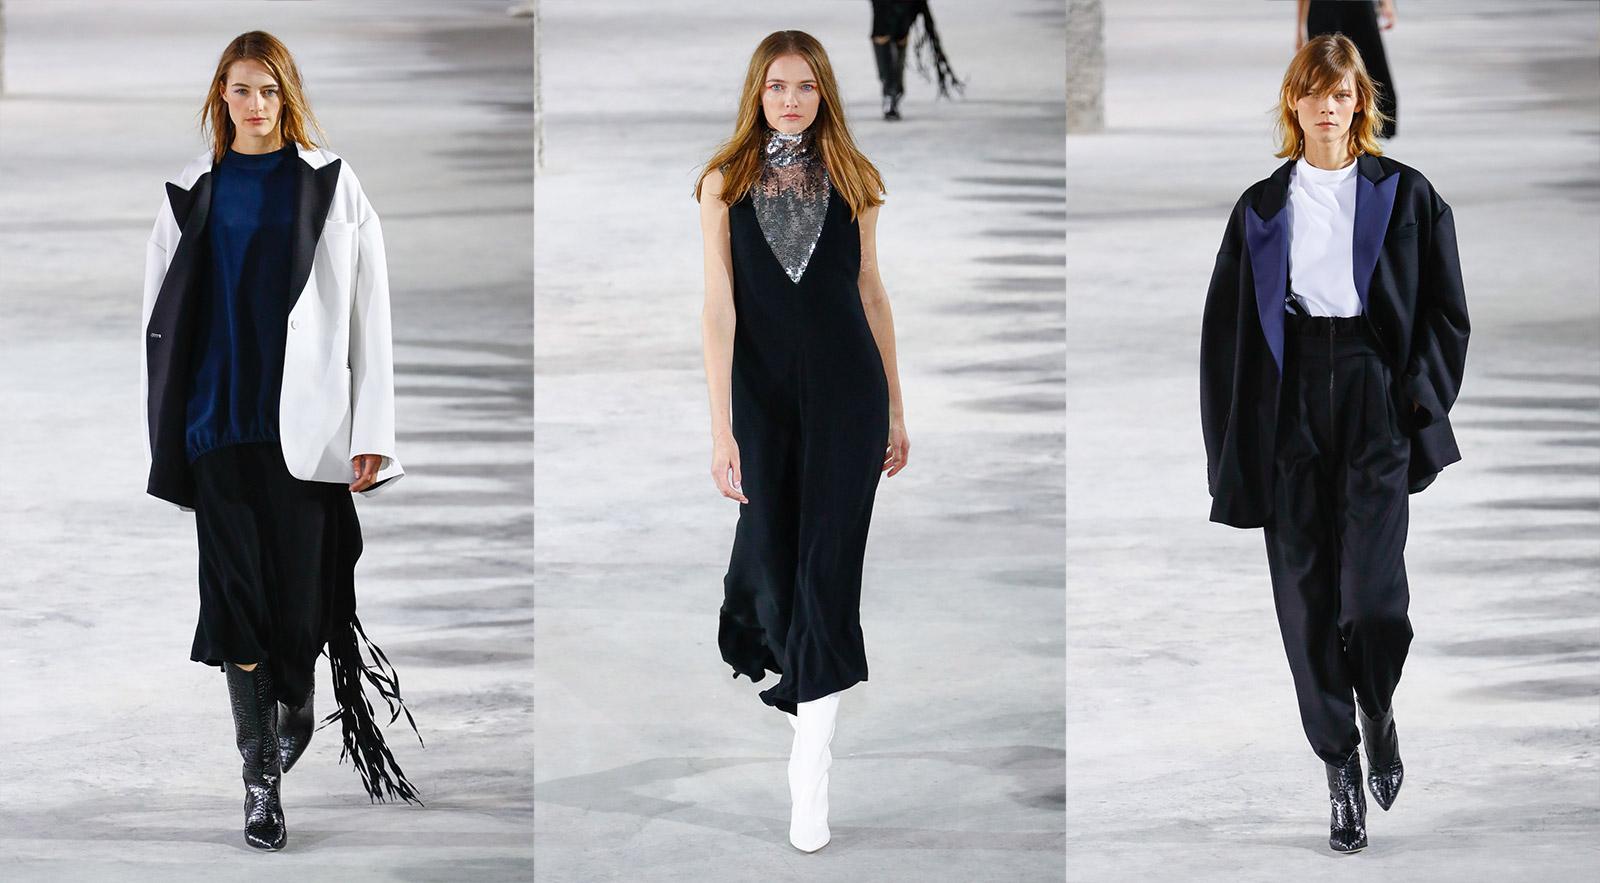 a93af20388262f6 Мне нравится видеть, как индивидуальность человека проявляется в его стиле  одежды. И я думаю, что стиль женщины должен основываться на противоречиях:  ...